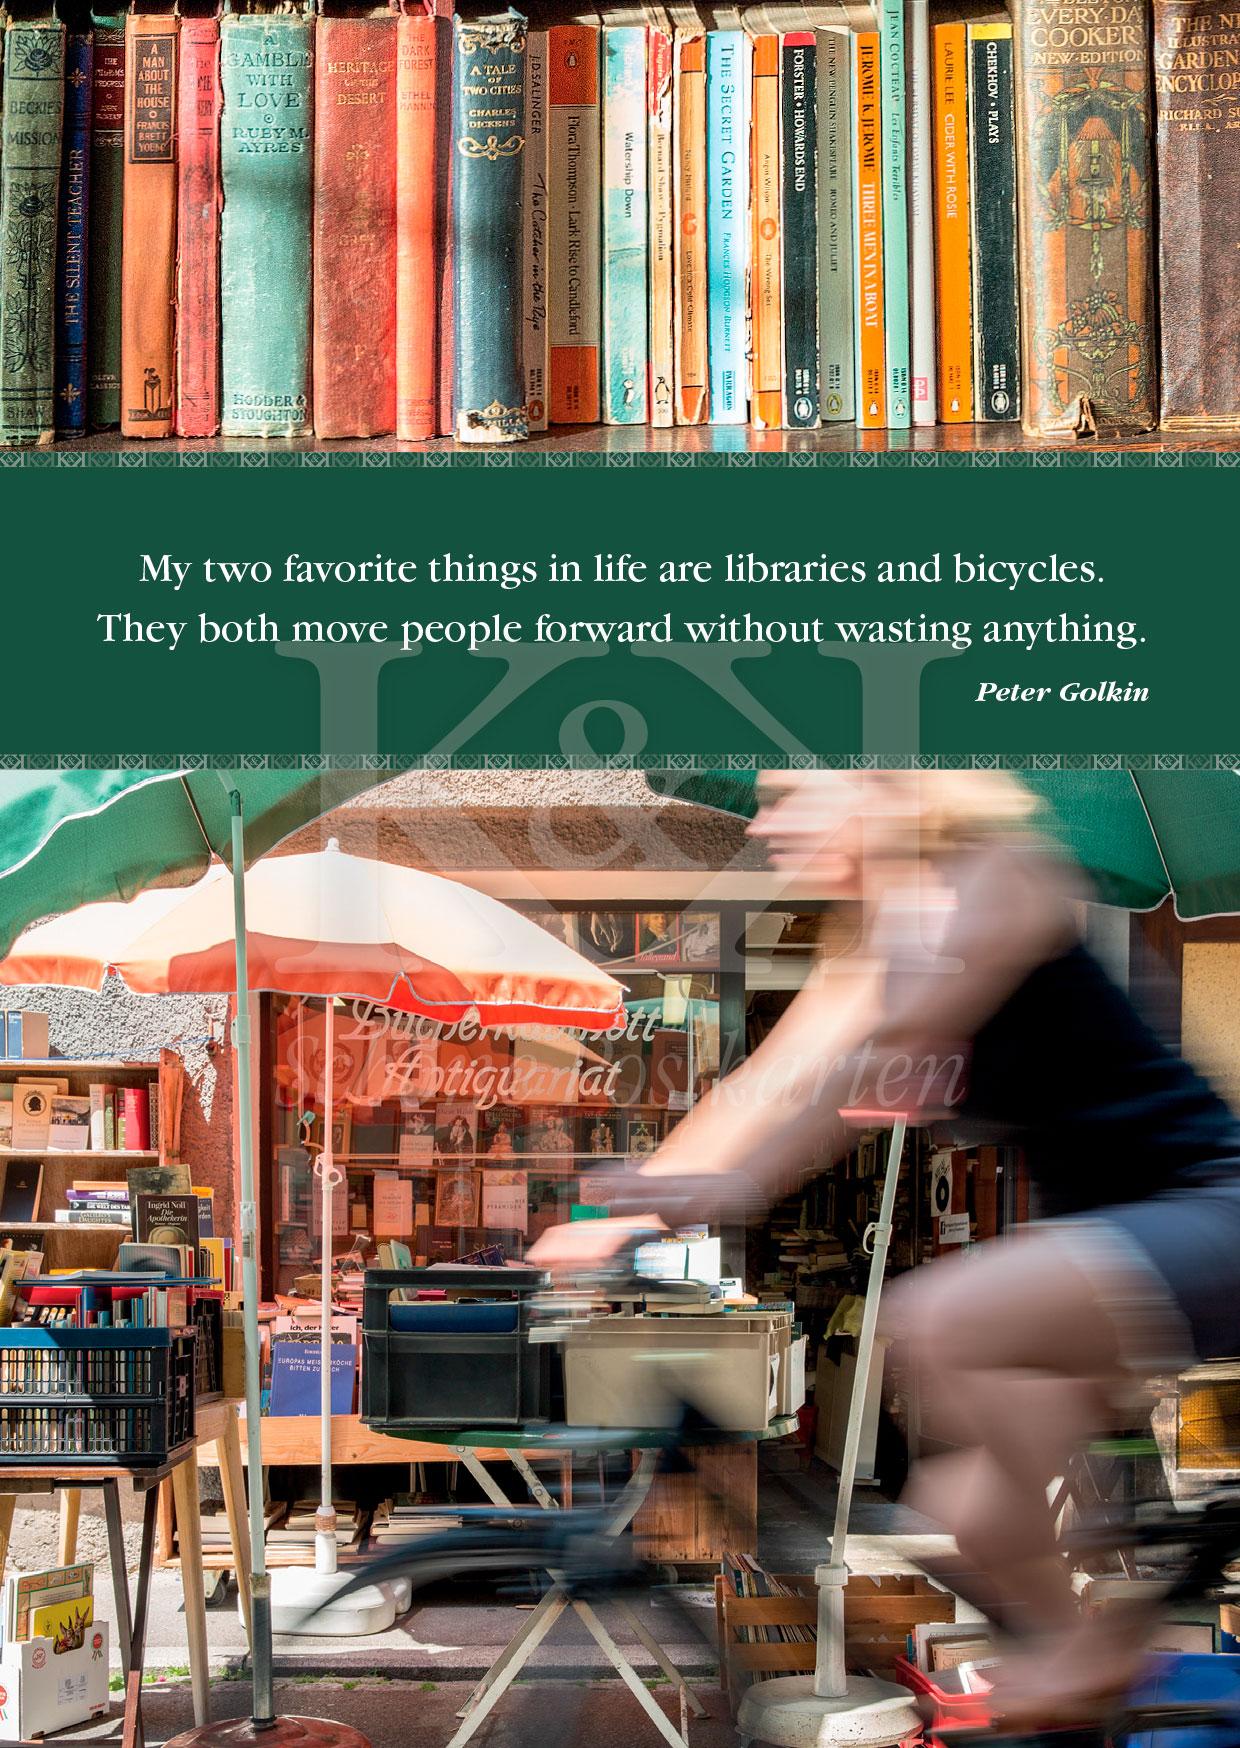 Schöne Postkarte Nr. 42 · Bücher und Fahrräder – gehören in Tübingen · © www.schoenepostkarten.de